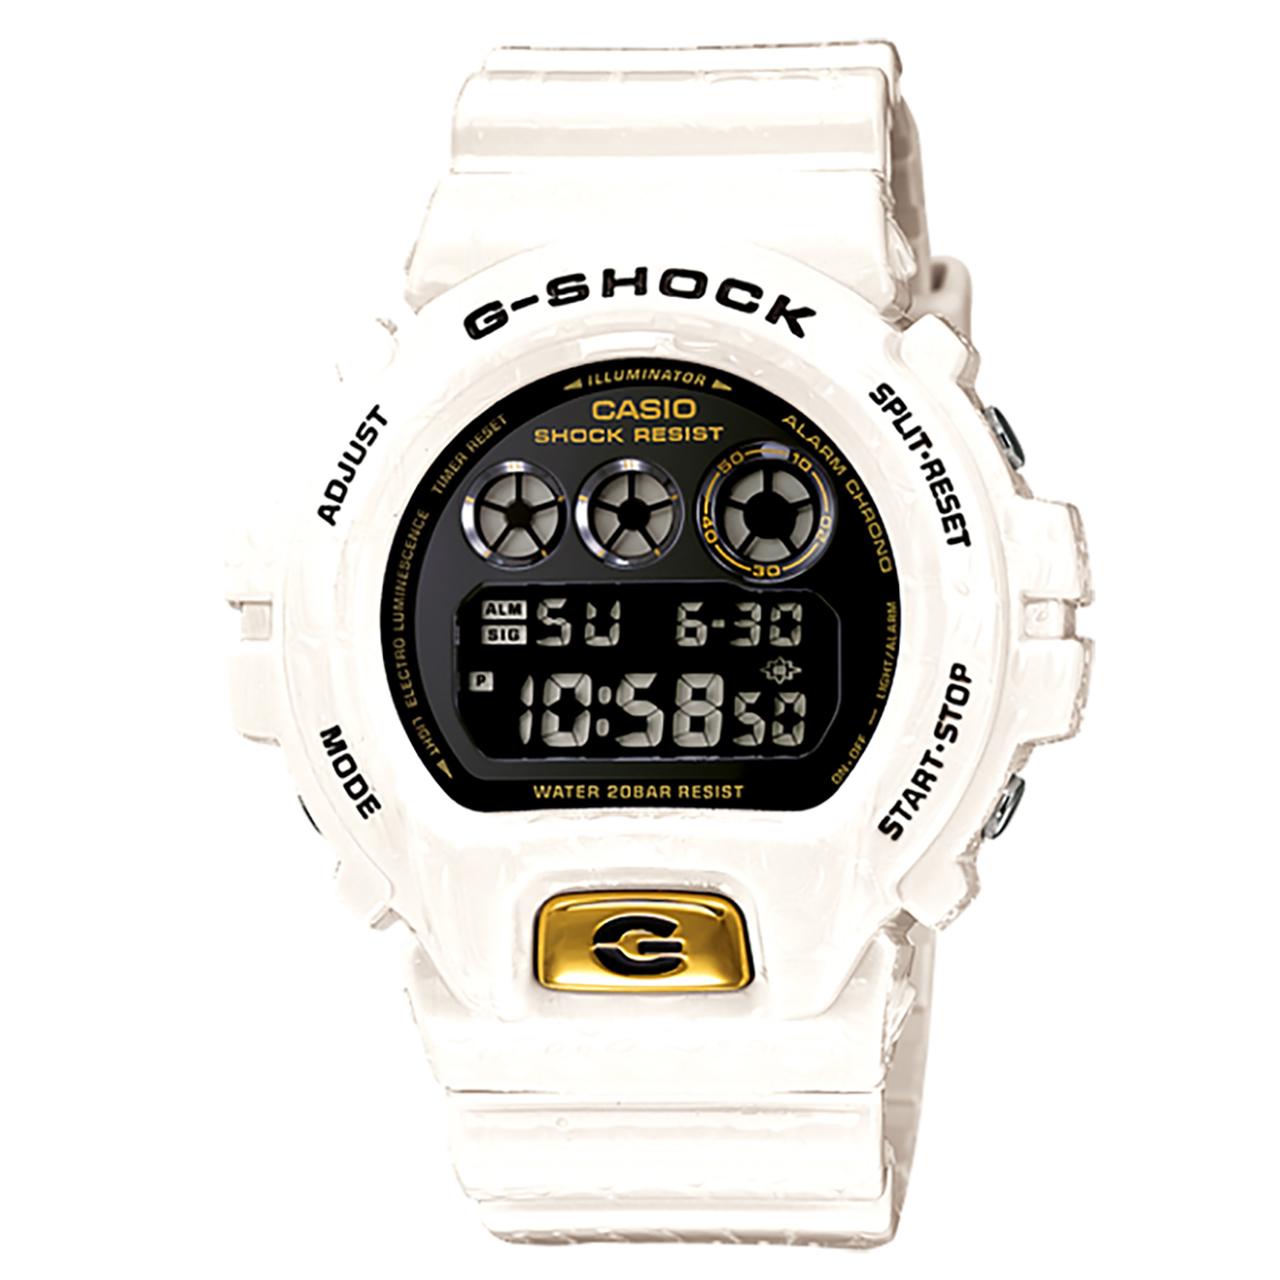 ساعت مچی دیجیتالی کاسیو جی شاک مدل DW-6900CR-7ER